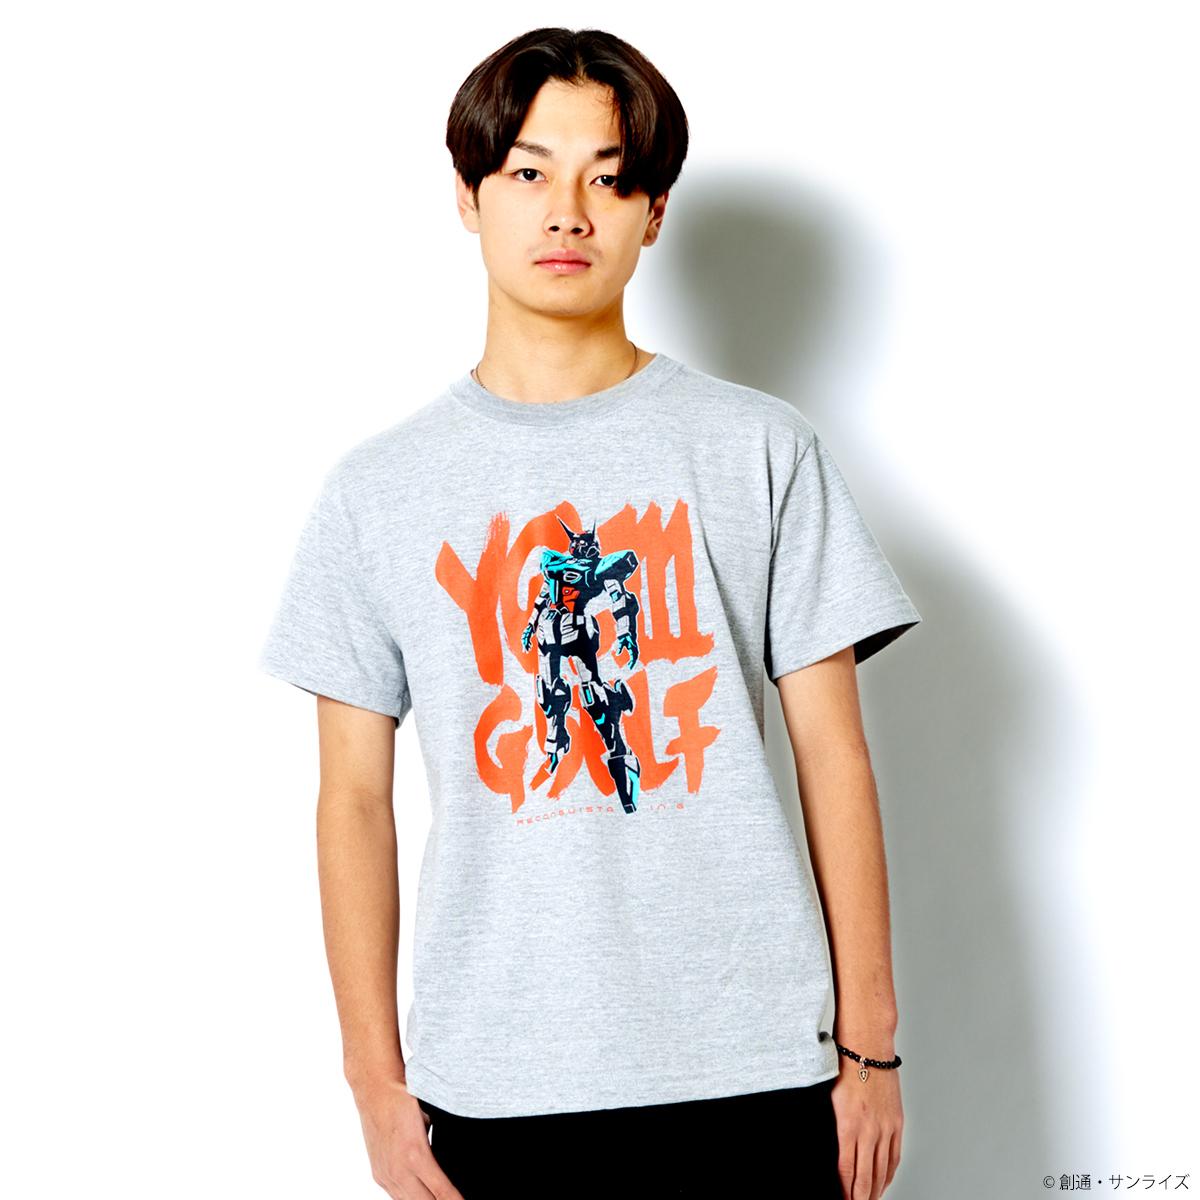 劇場版『Gのレコンギスタ I』「行け!コア・ファイター」上映記念コレクション Tシャツ G-セルフ